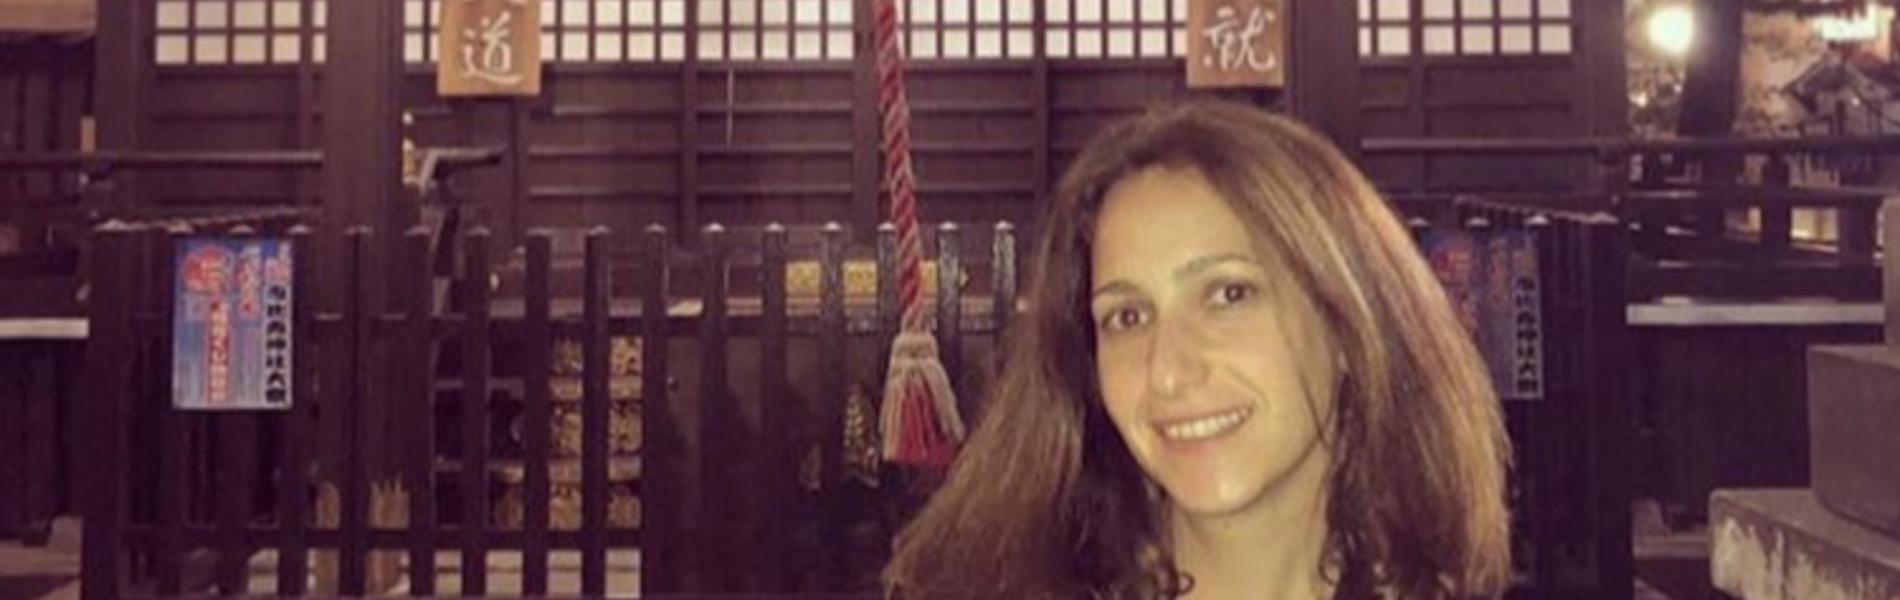 לחיות ביפאן: ישראלית חושפת את הרגלי העבודה המעוותים, מפגשי השתייה המופרזים והבדידות